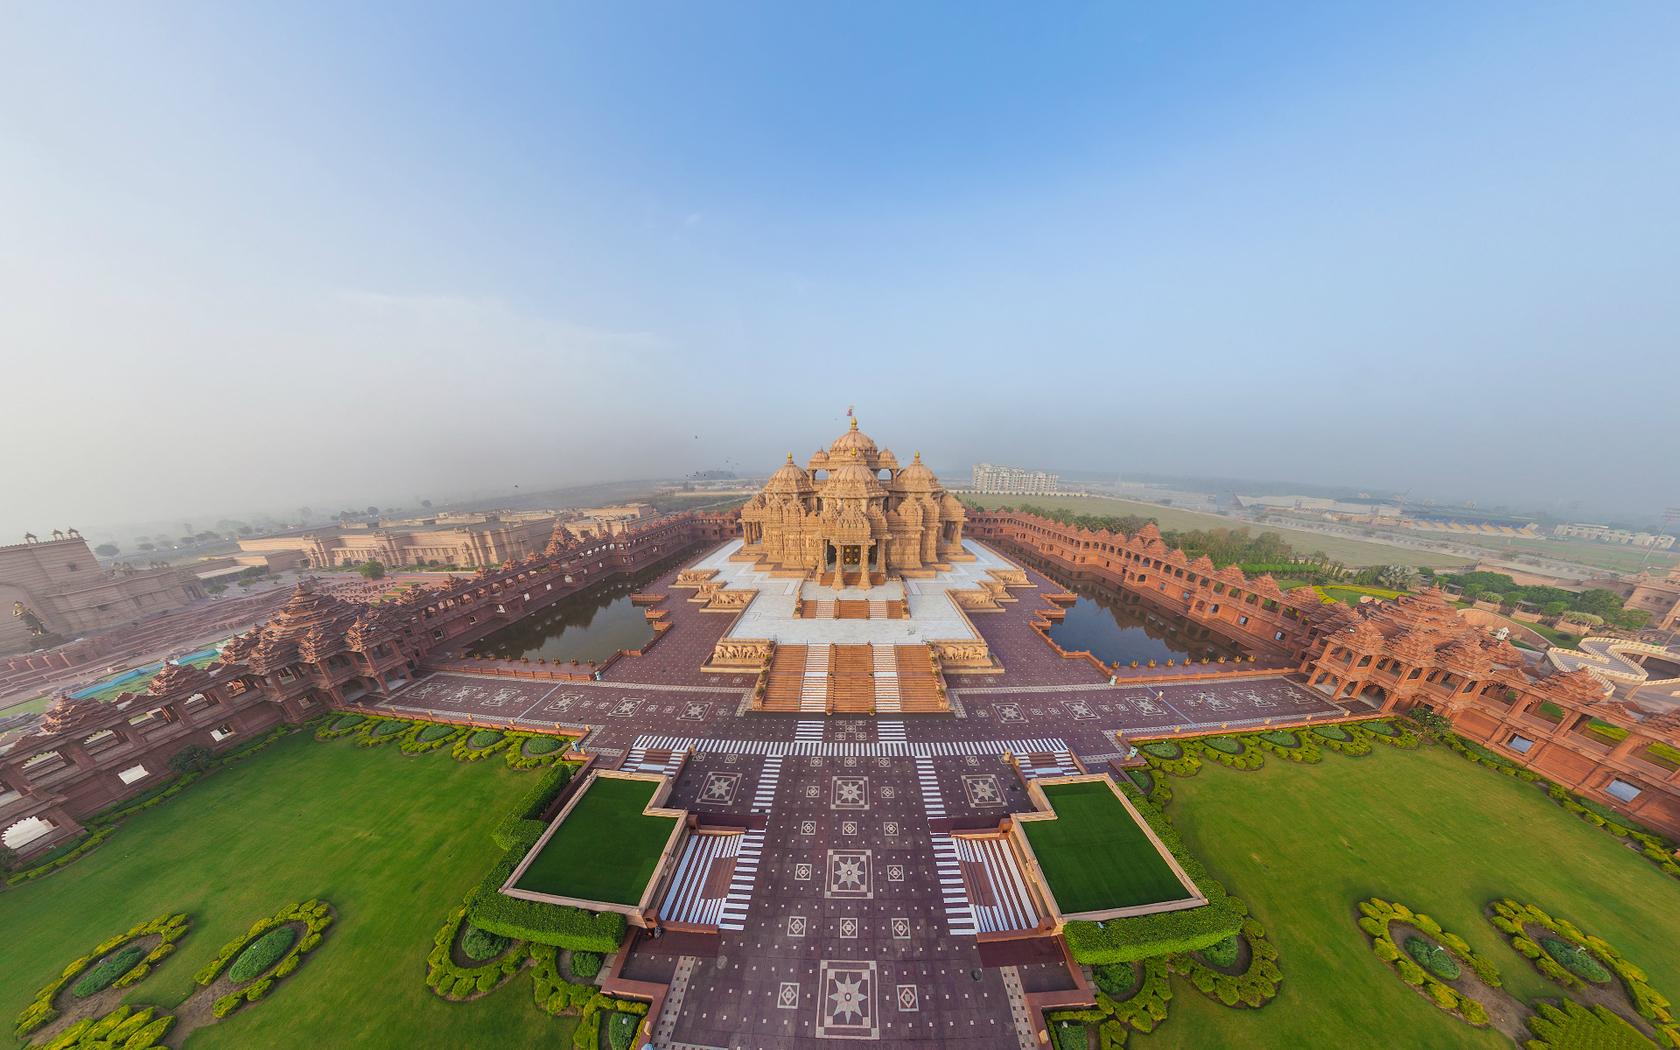 Drone pic of a Delhi Temple